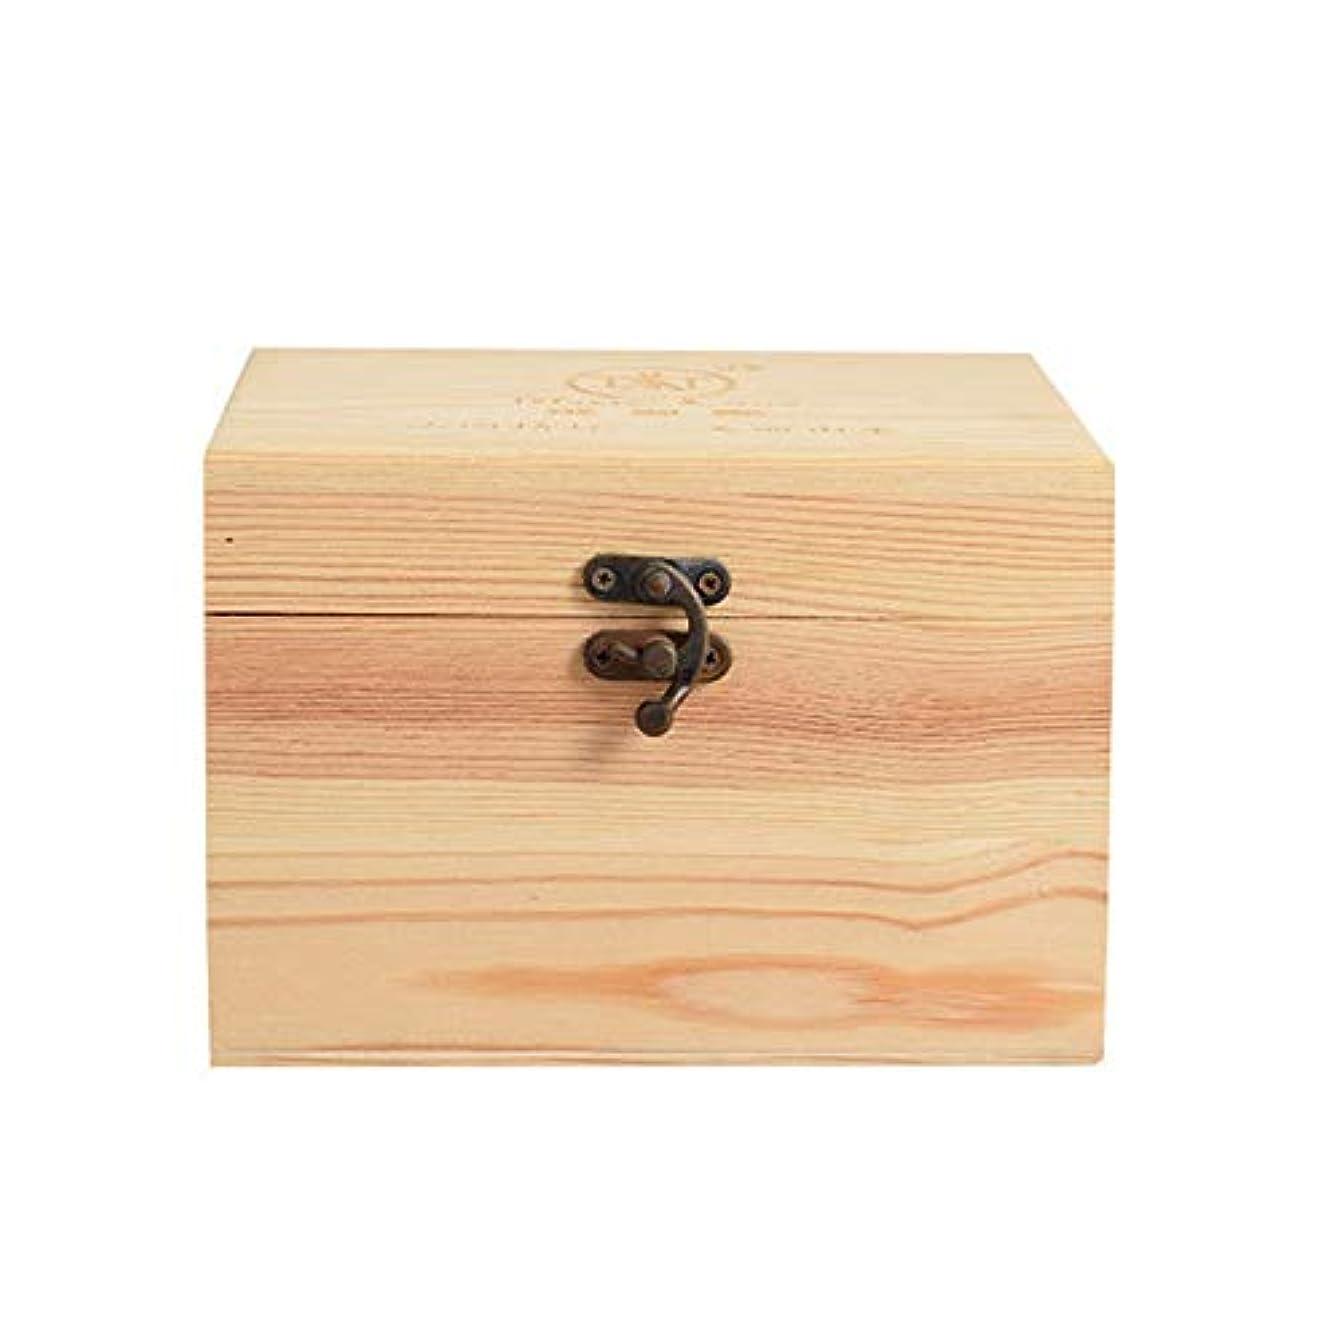 ドラマサンダー最適アロマセラピー収納ボックス あなたのオイル太陽の損傷を保護するために、エッセンシャルオイルの9種類の完璧なエッセンシャルオイルの収納ボックス木製プレゼンテーションケース エッセンシャルオイル収納ボックス (色 : Natural...